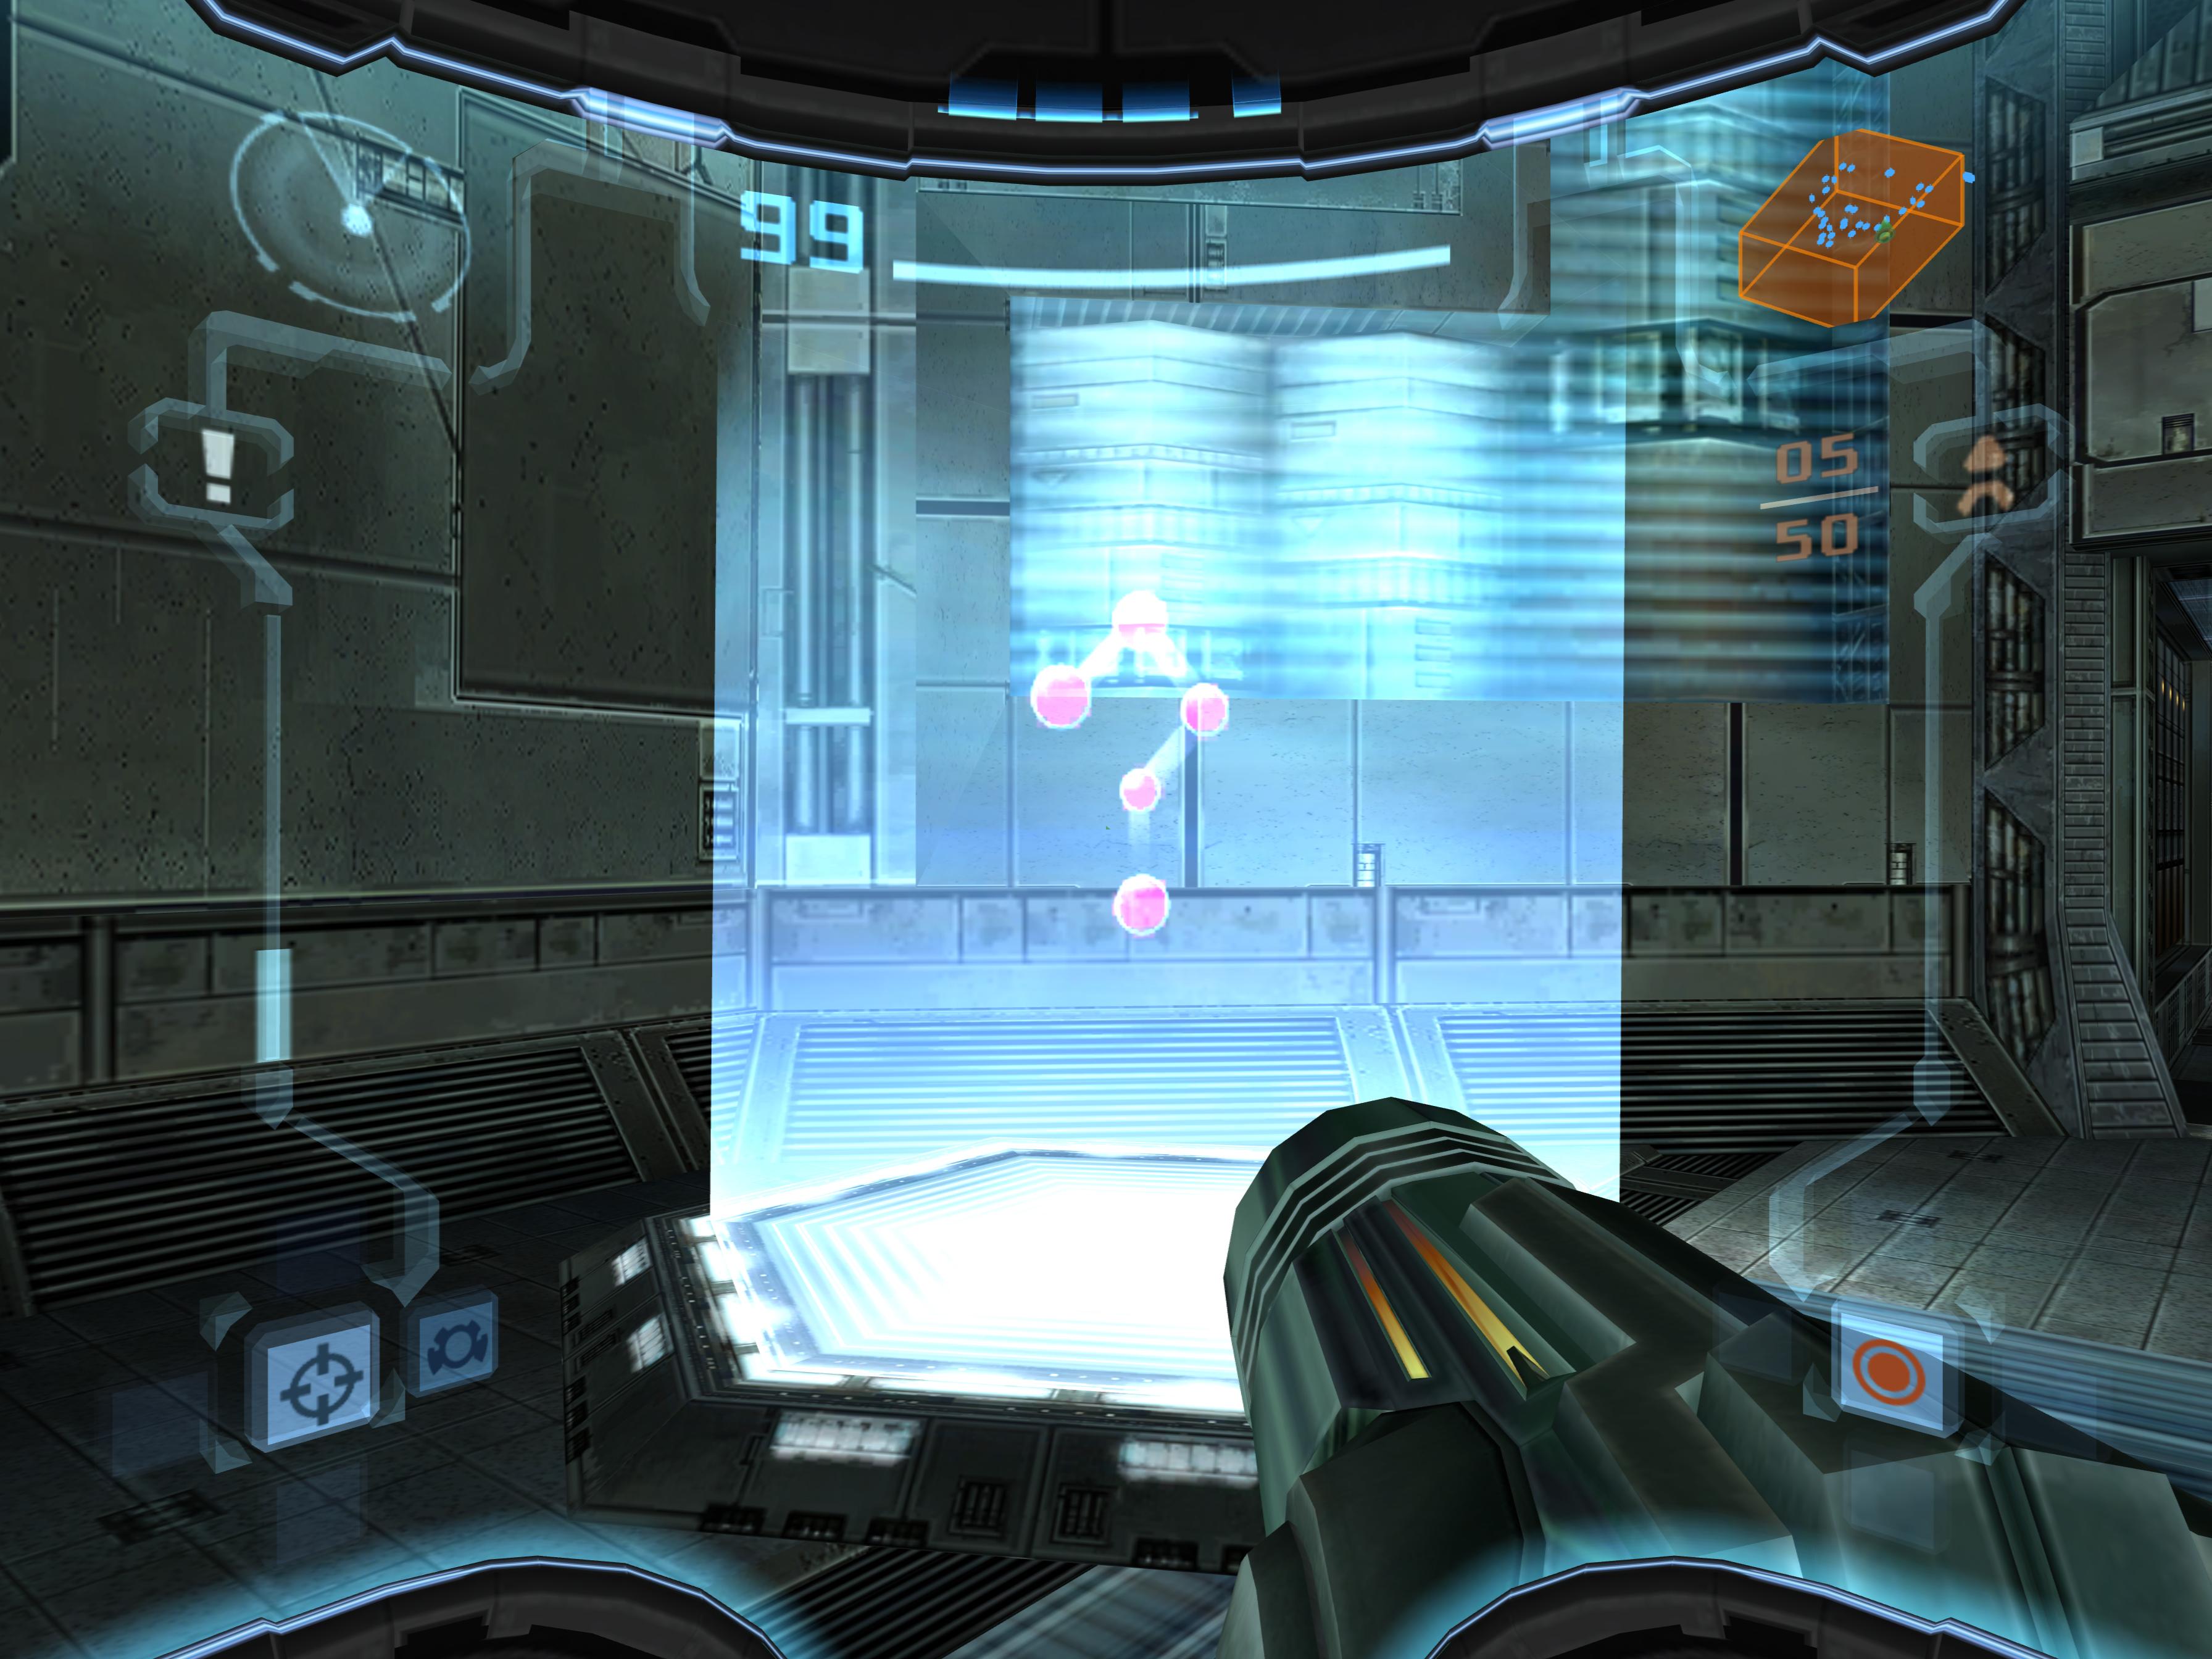 File:Metroid-prime-2-echoes-20041021102553484 640w.jpg